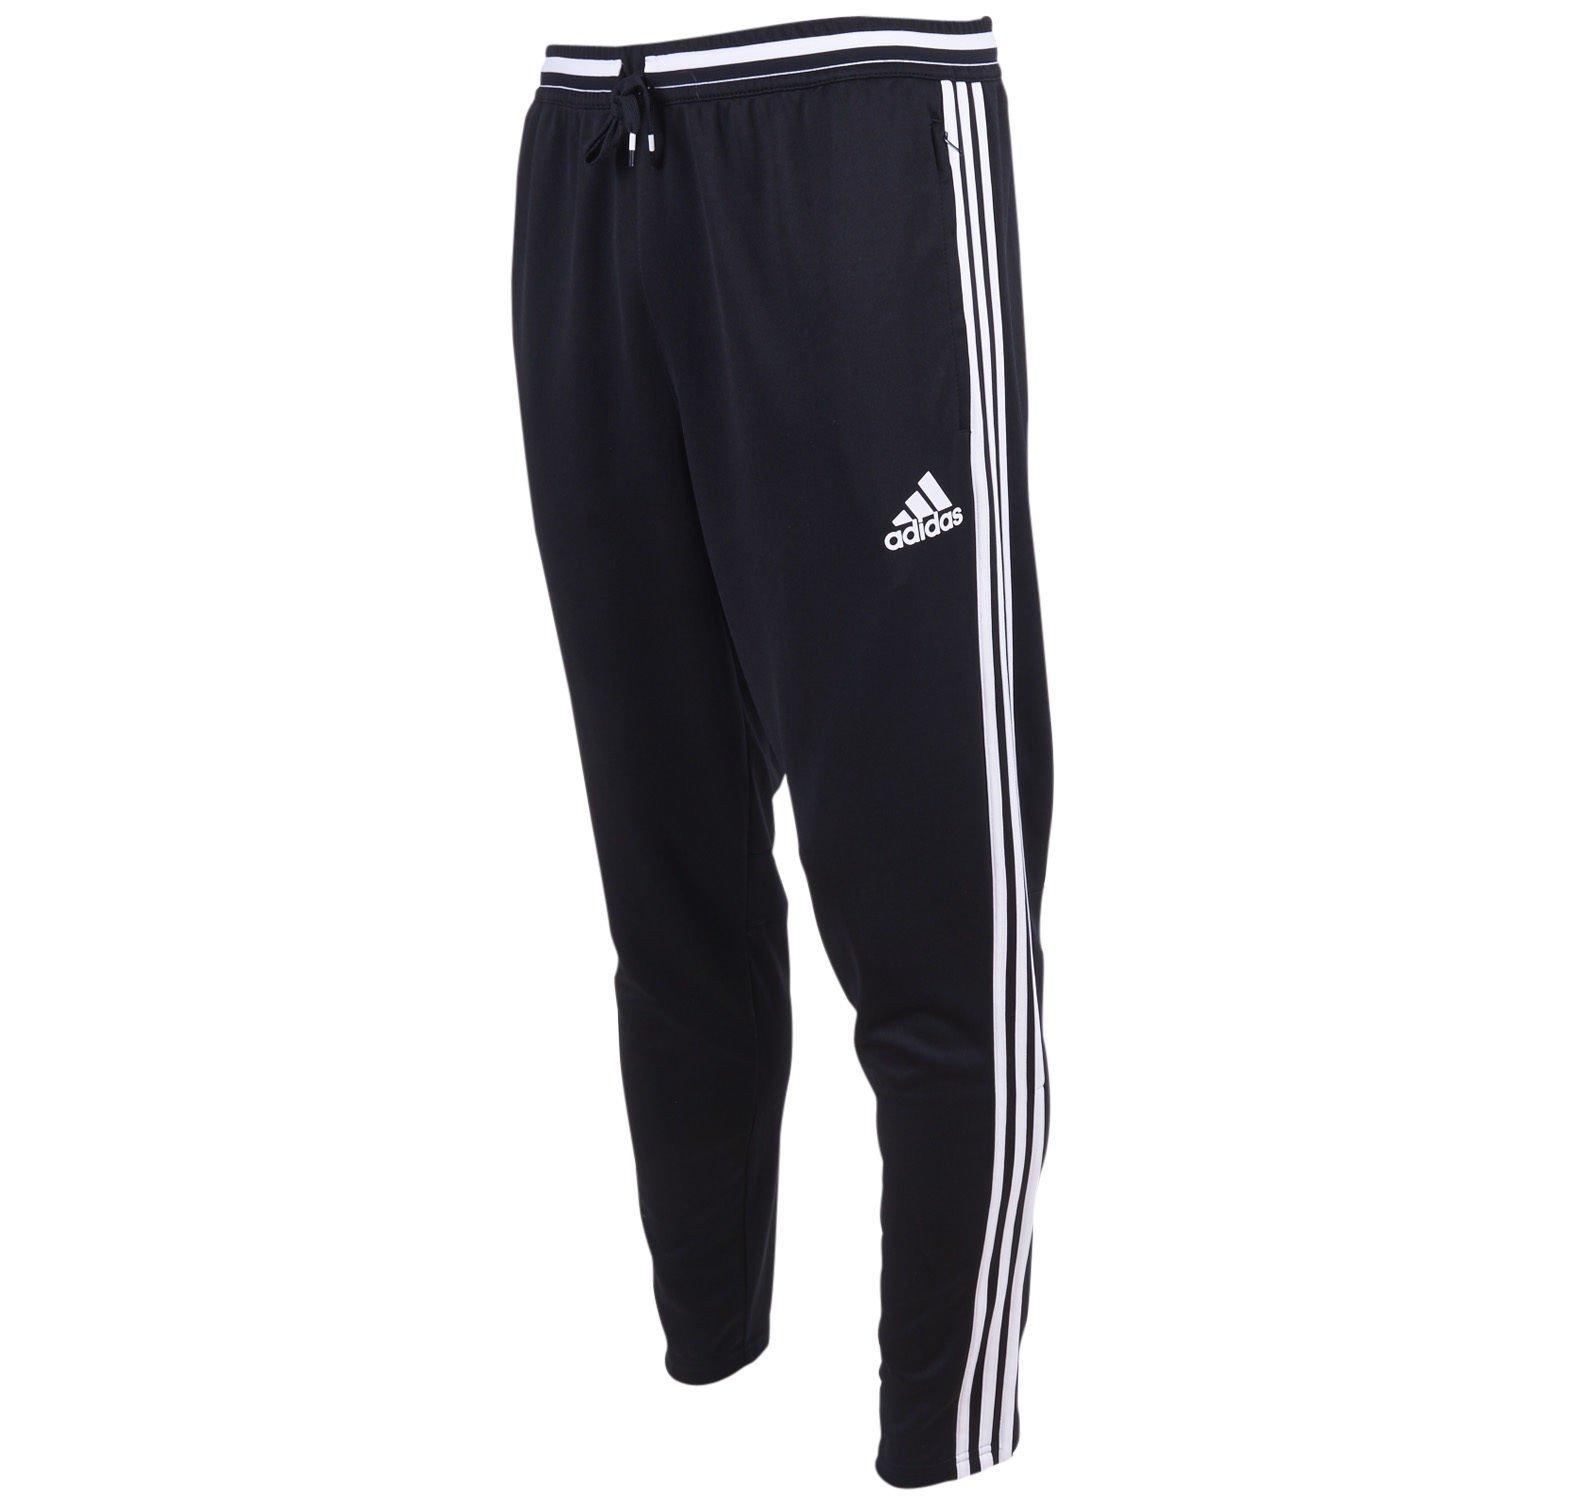 Adidas Men's Condivo 16 Training Pant